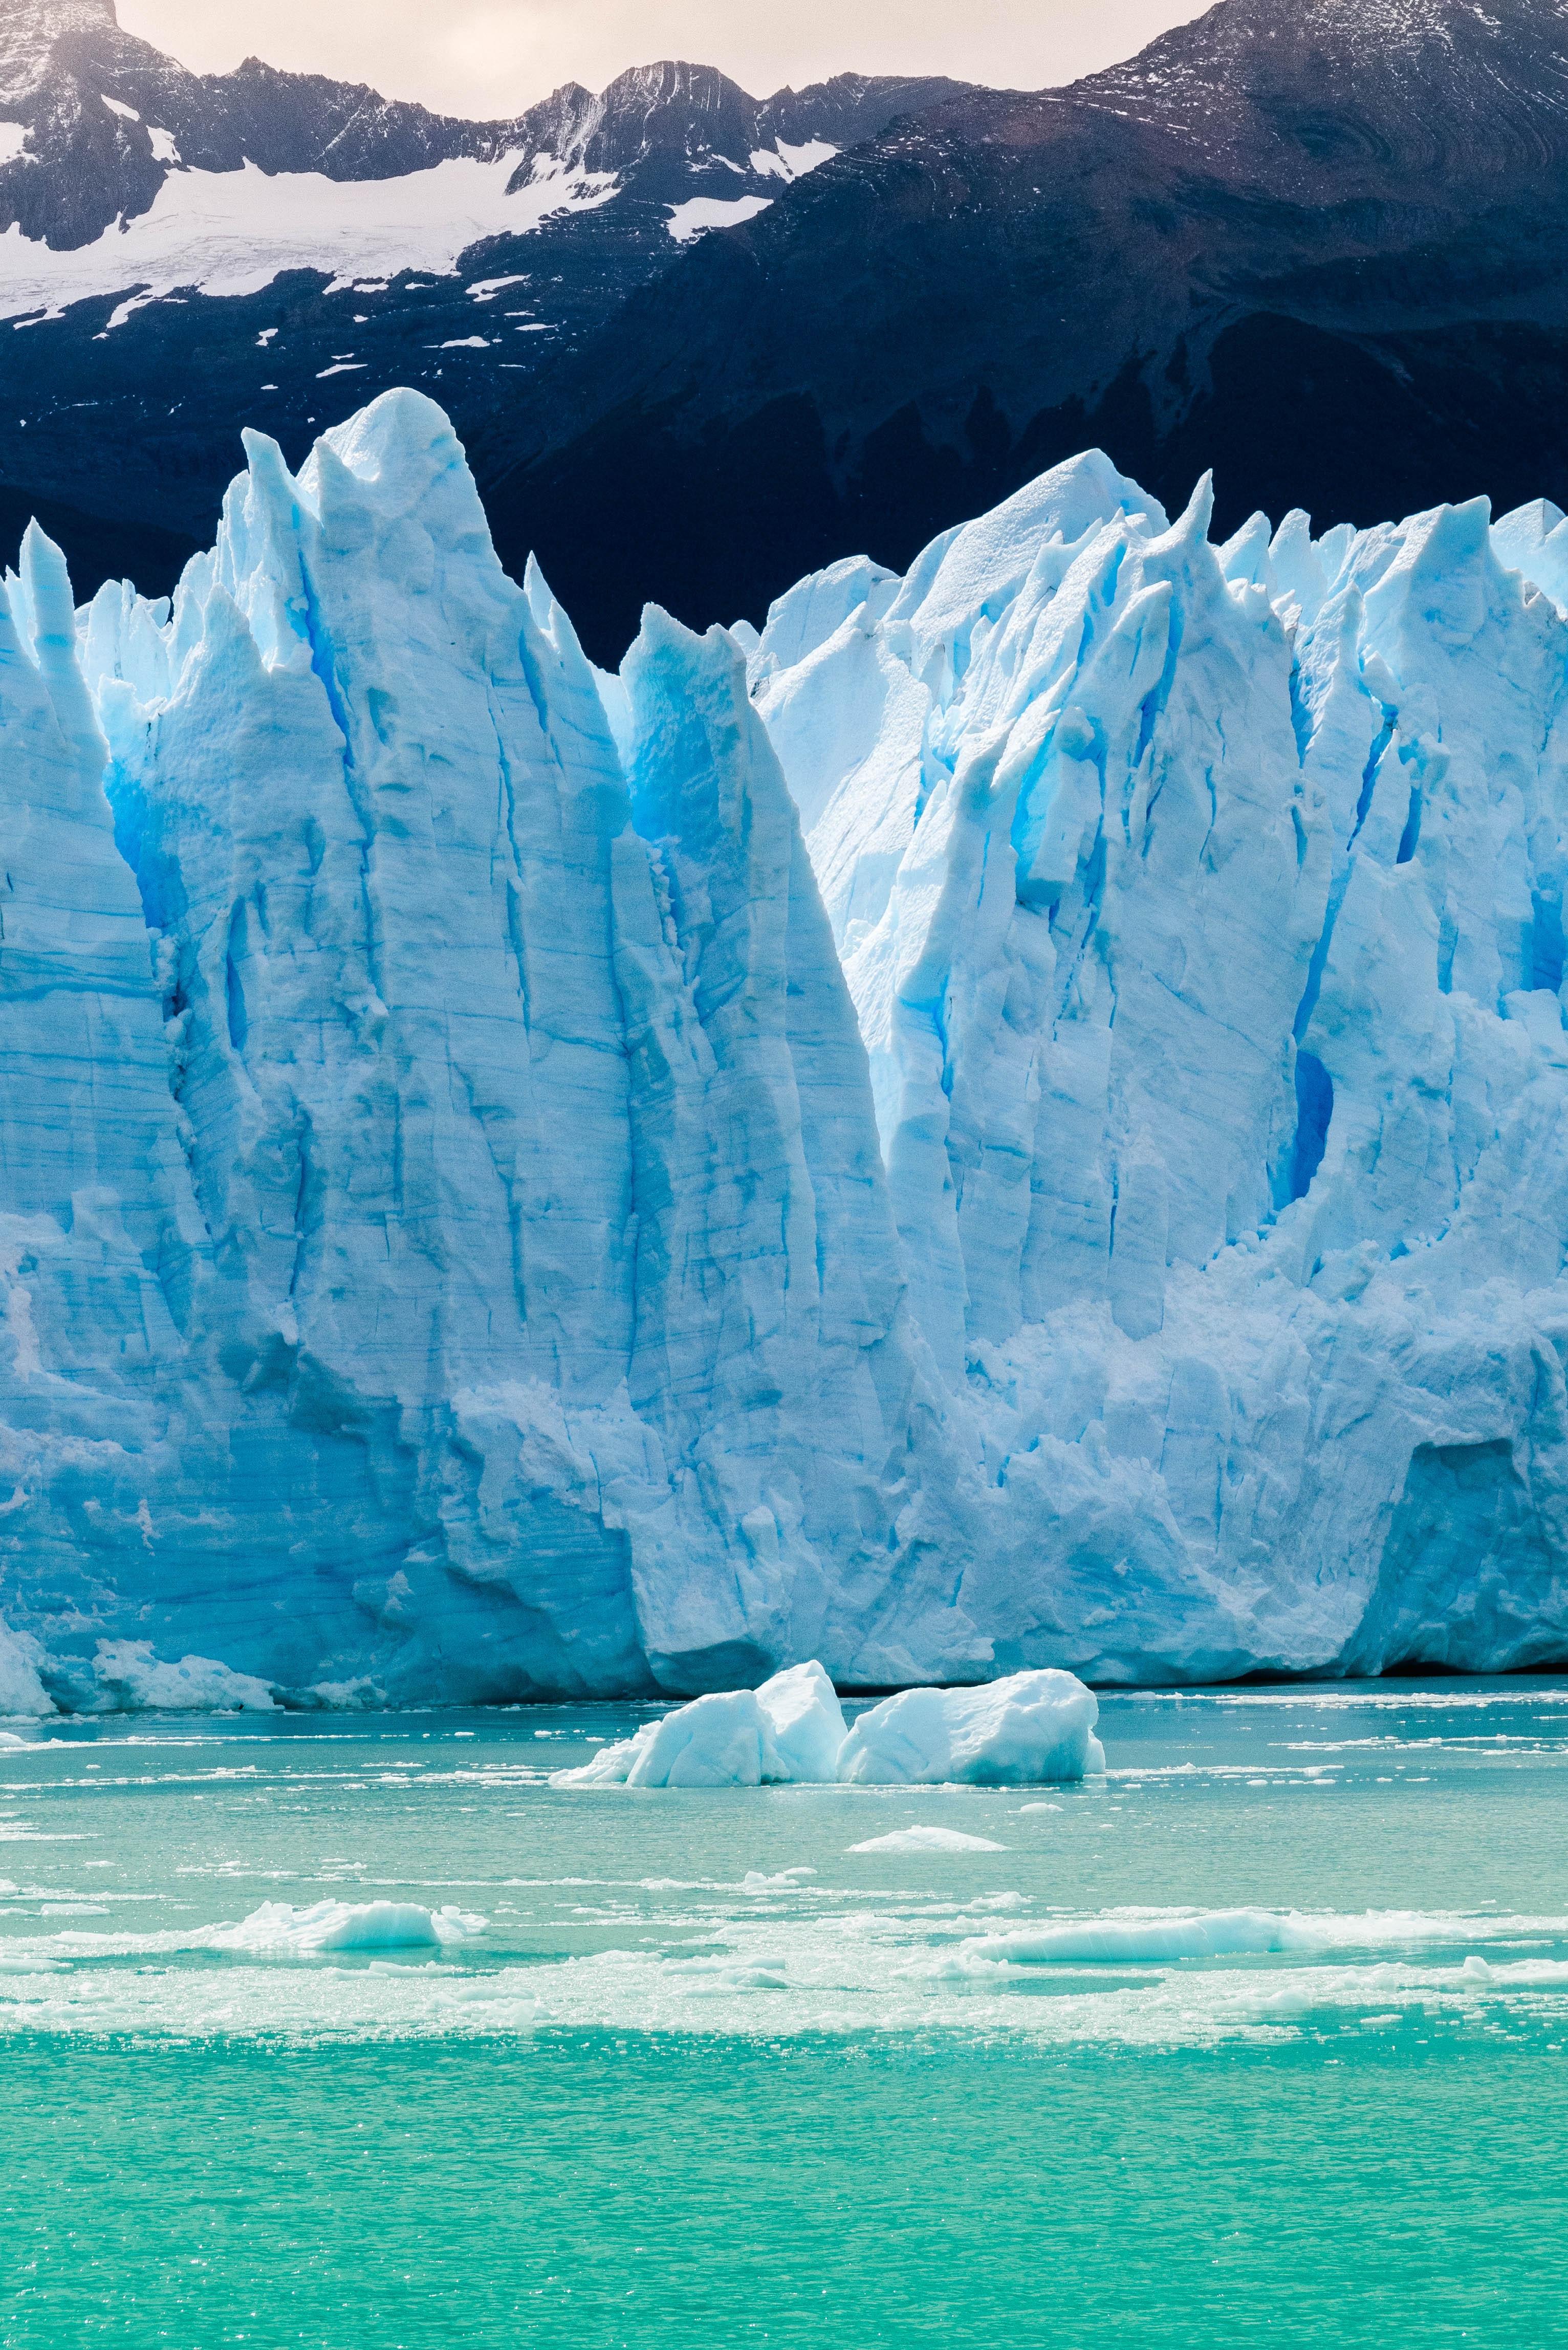 rock-formation-in-winter-near-body-of-water-4042397